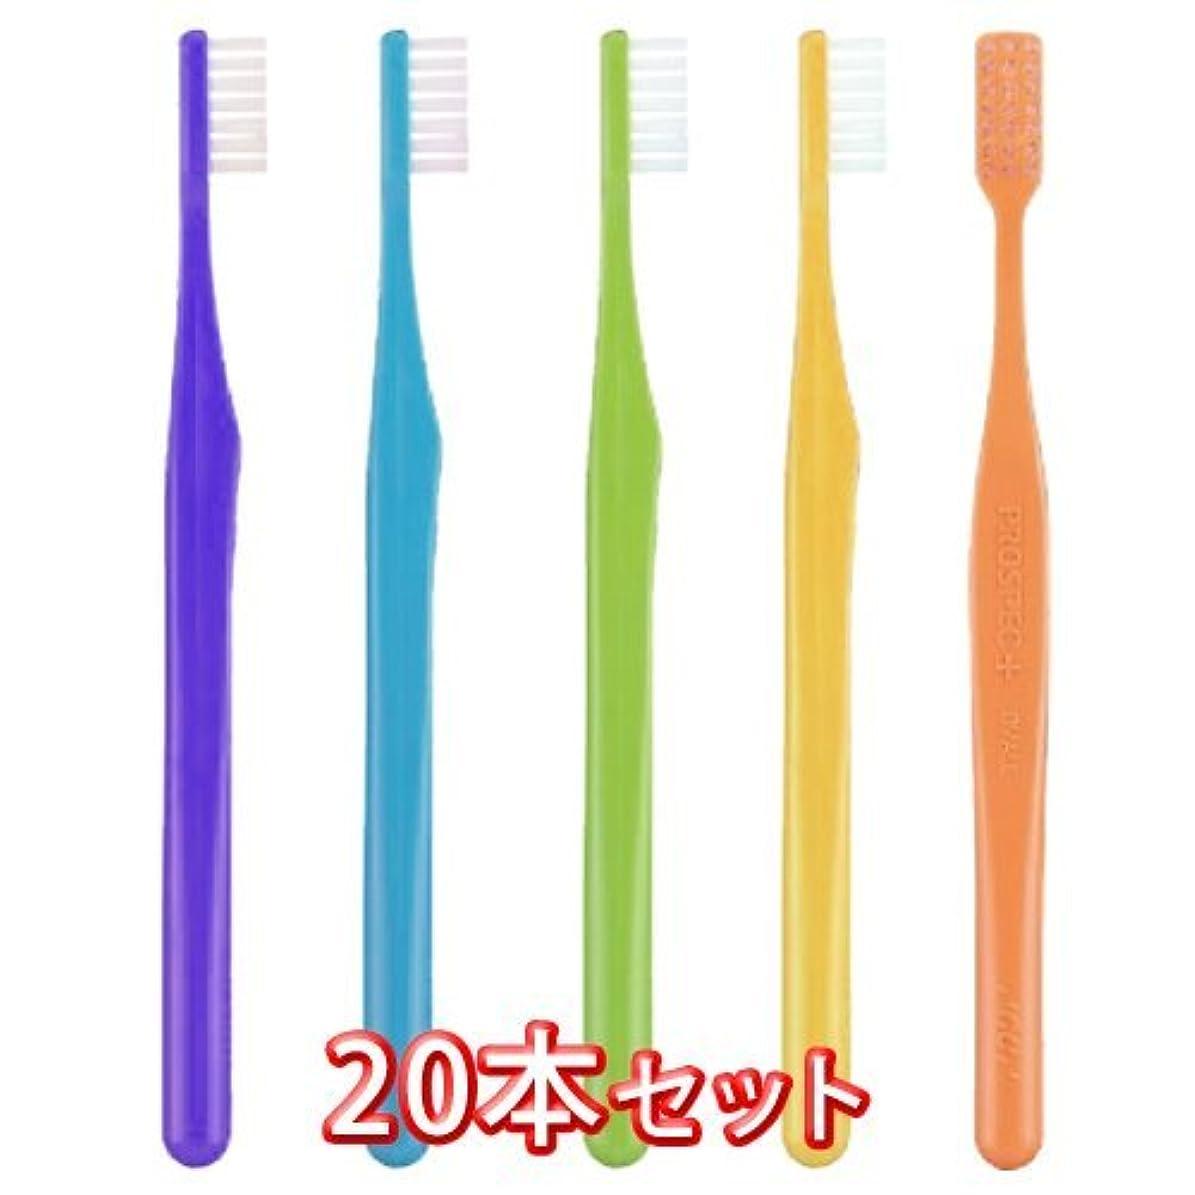 ワックス苦味対人プロスペック プラス 歯ブラシ 20本入 スモール